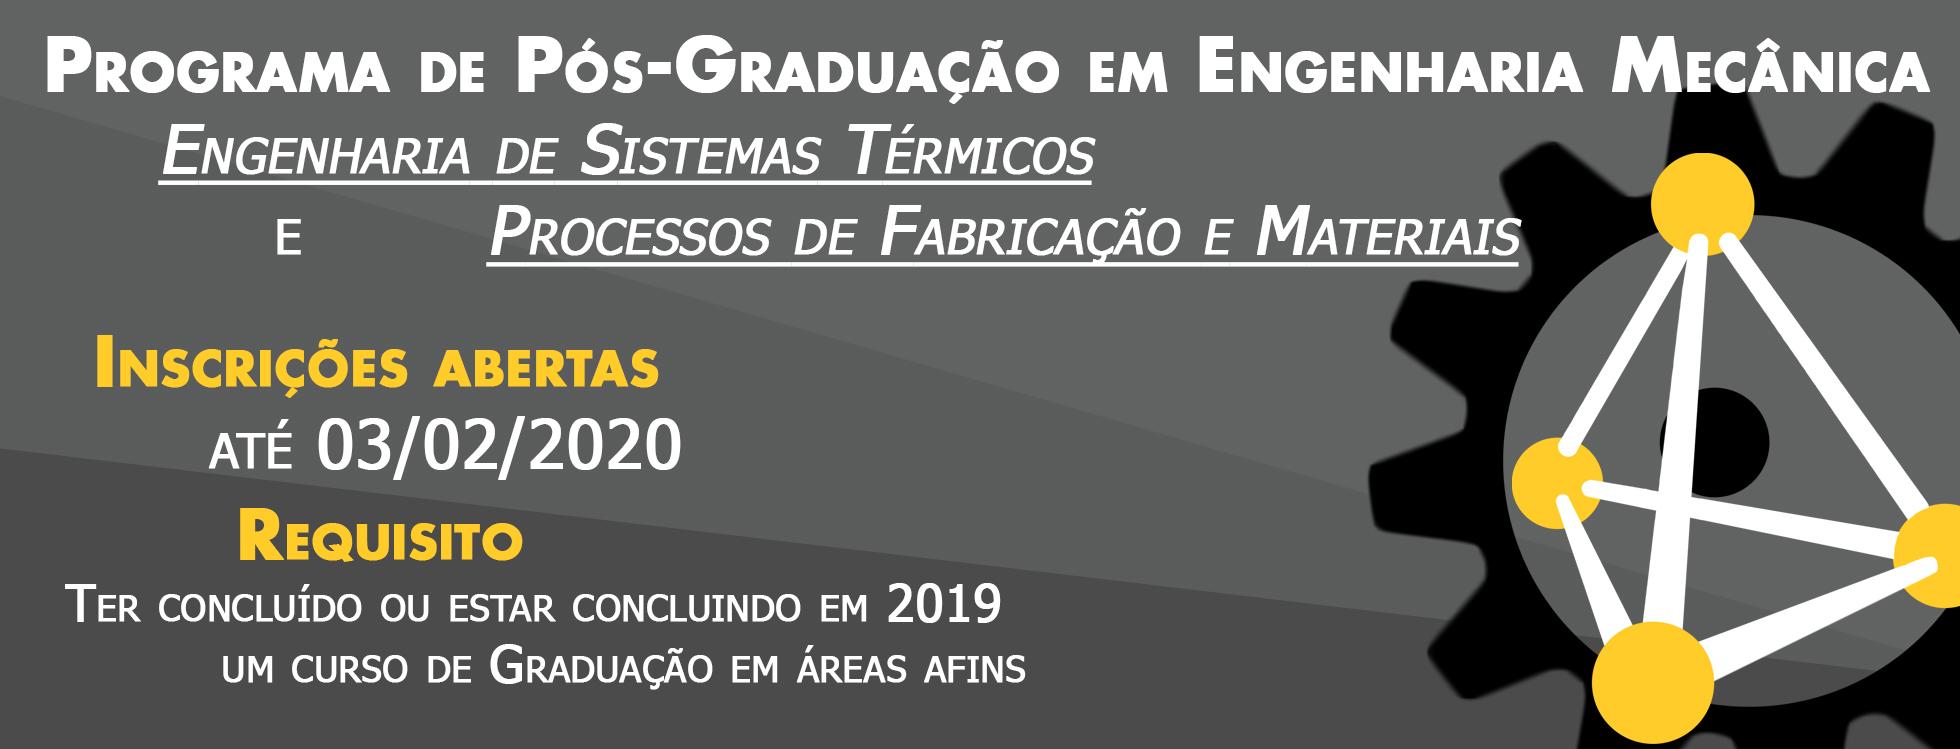 PPGEM 2019/2020